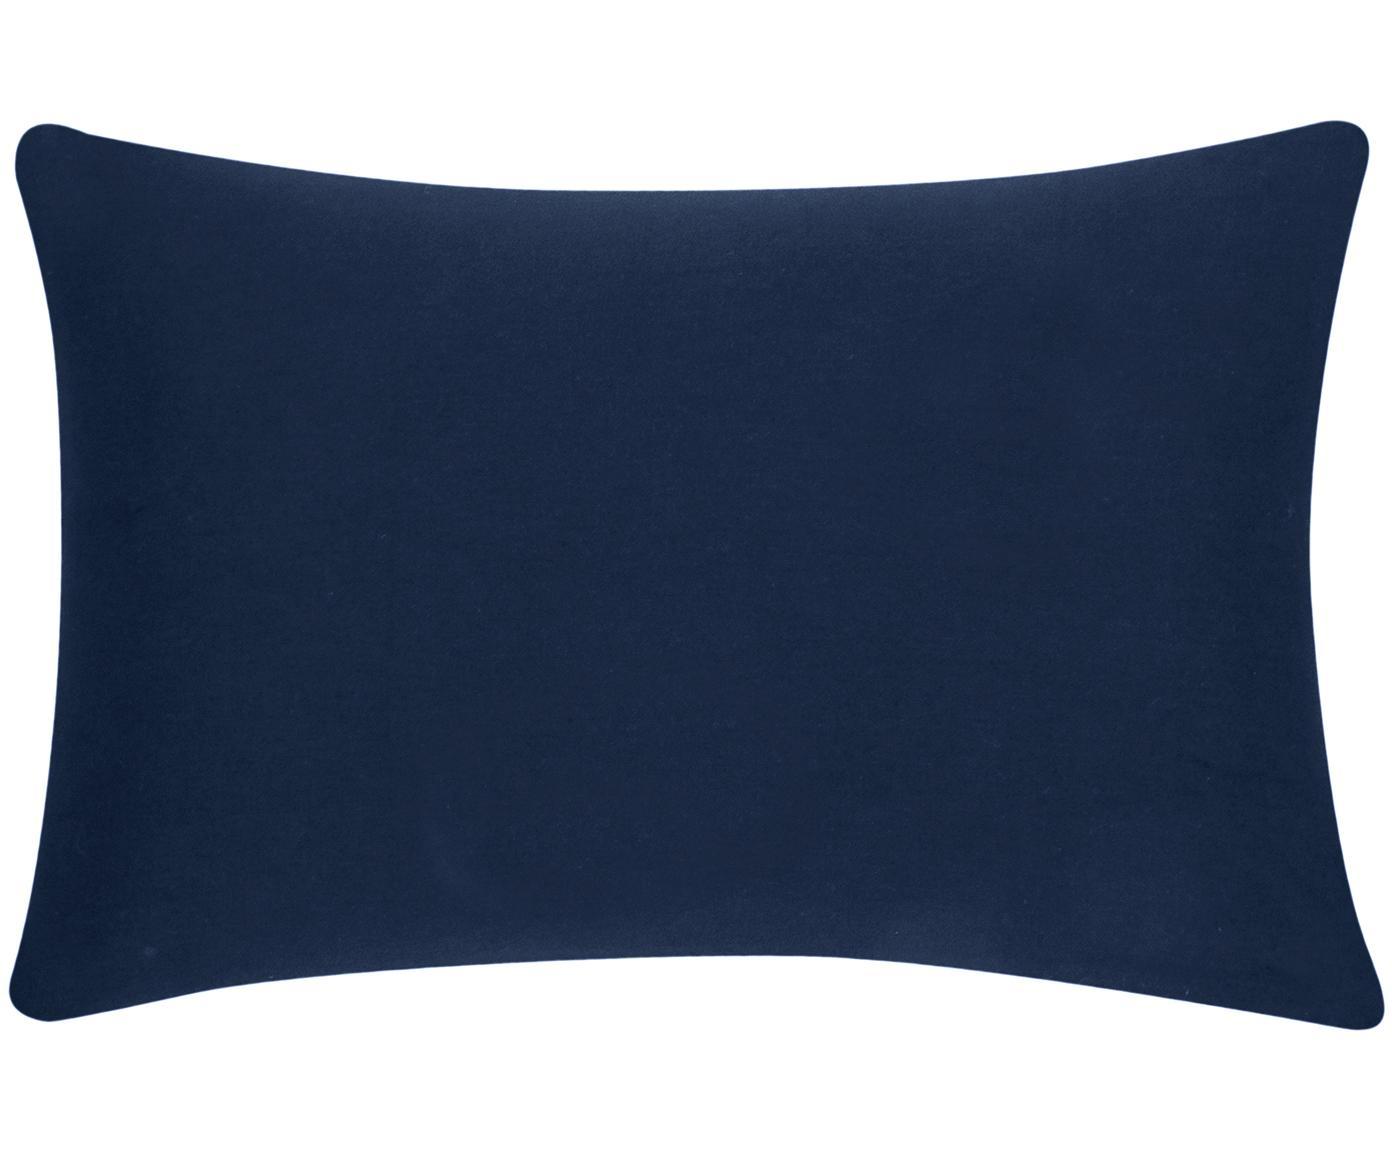 Funda de cojín de algodón Mads, Algodón, Azul marino, An 30 x L 50 cm